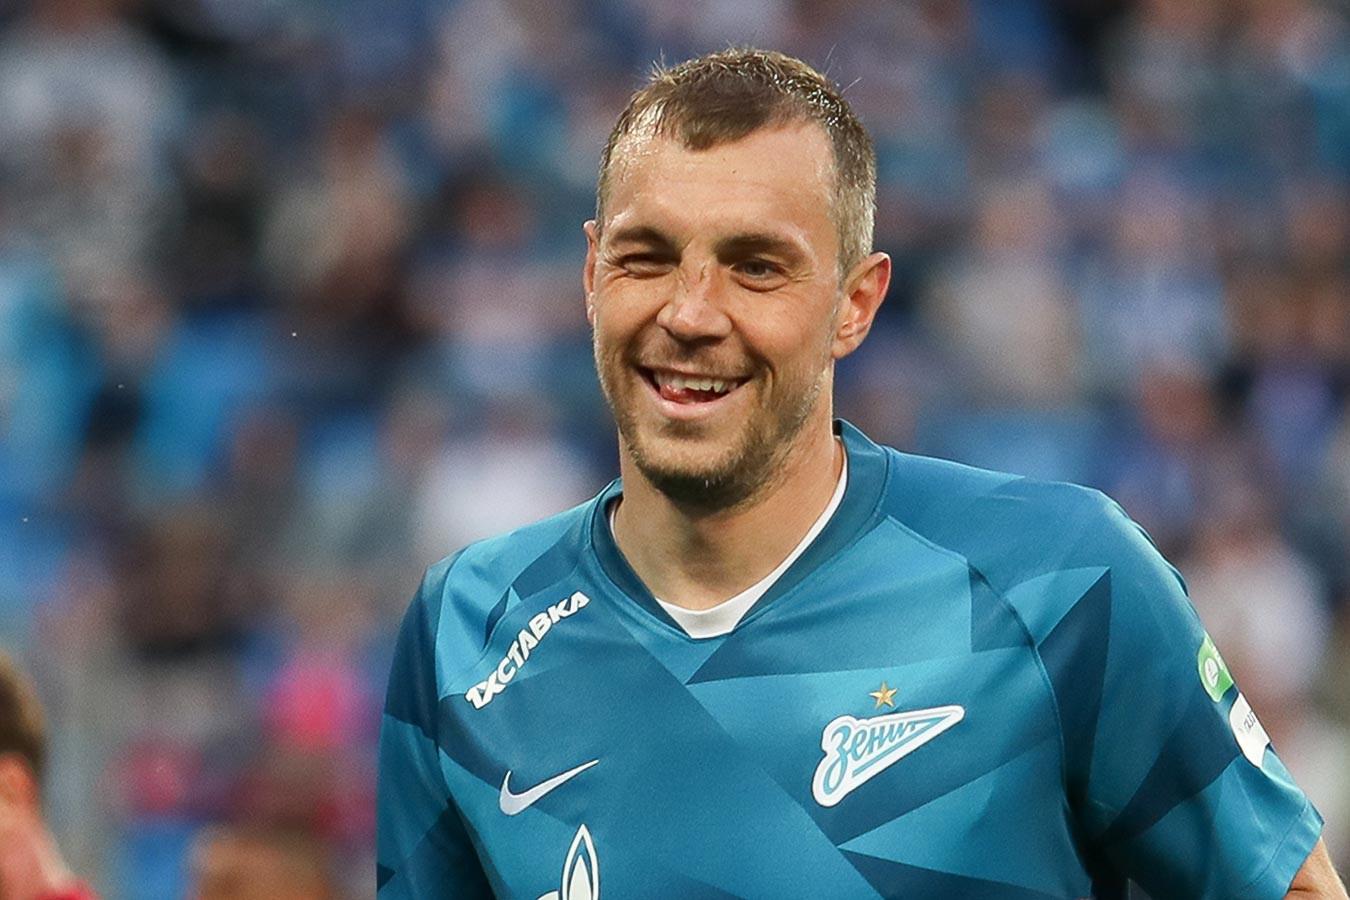 Артем Дзюба не вызван в сборную России на отборочные матчи чемпионата мира